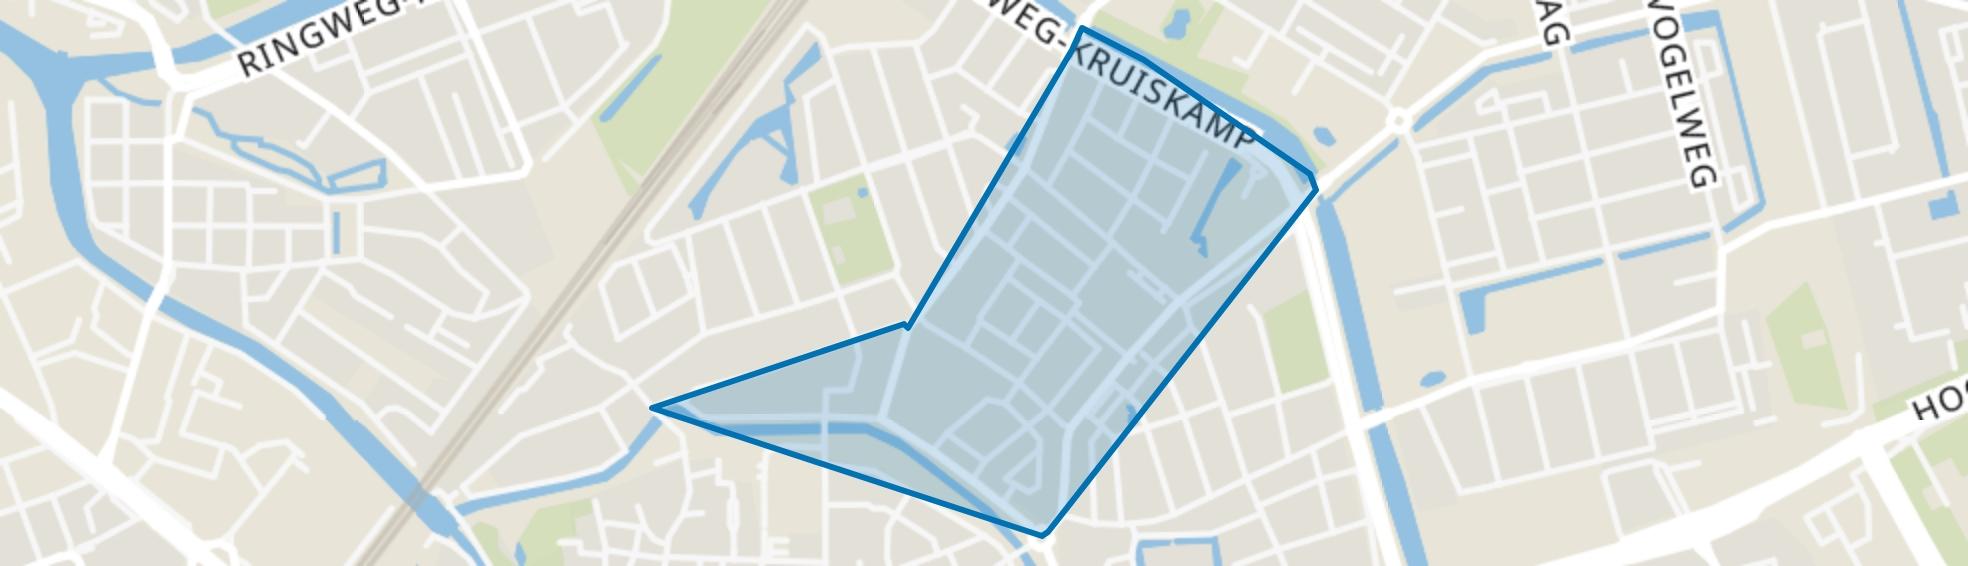 Neptunusplein, Amersfoort map